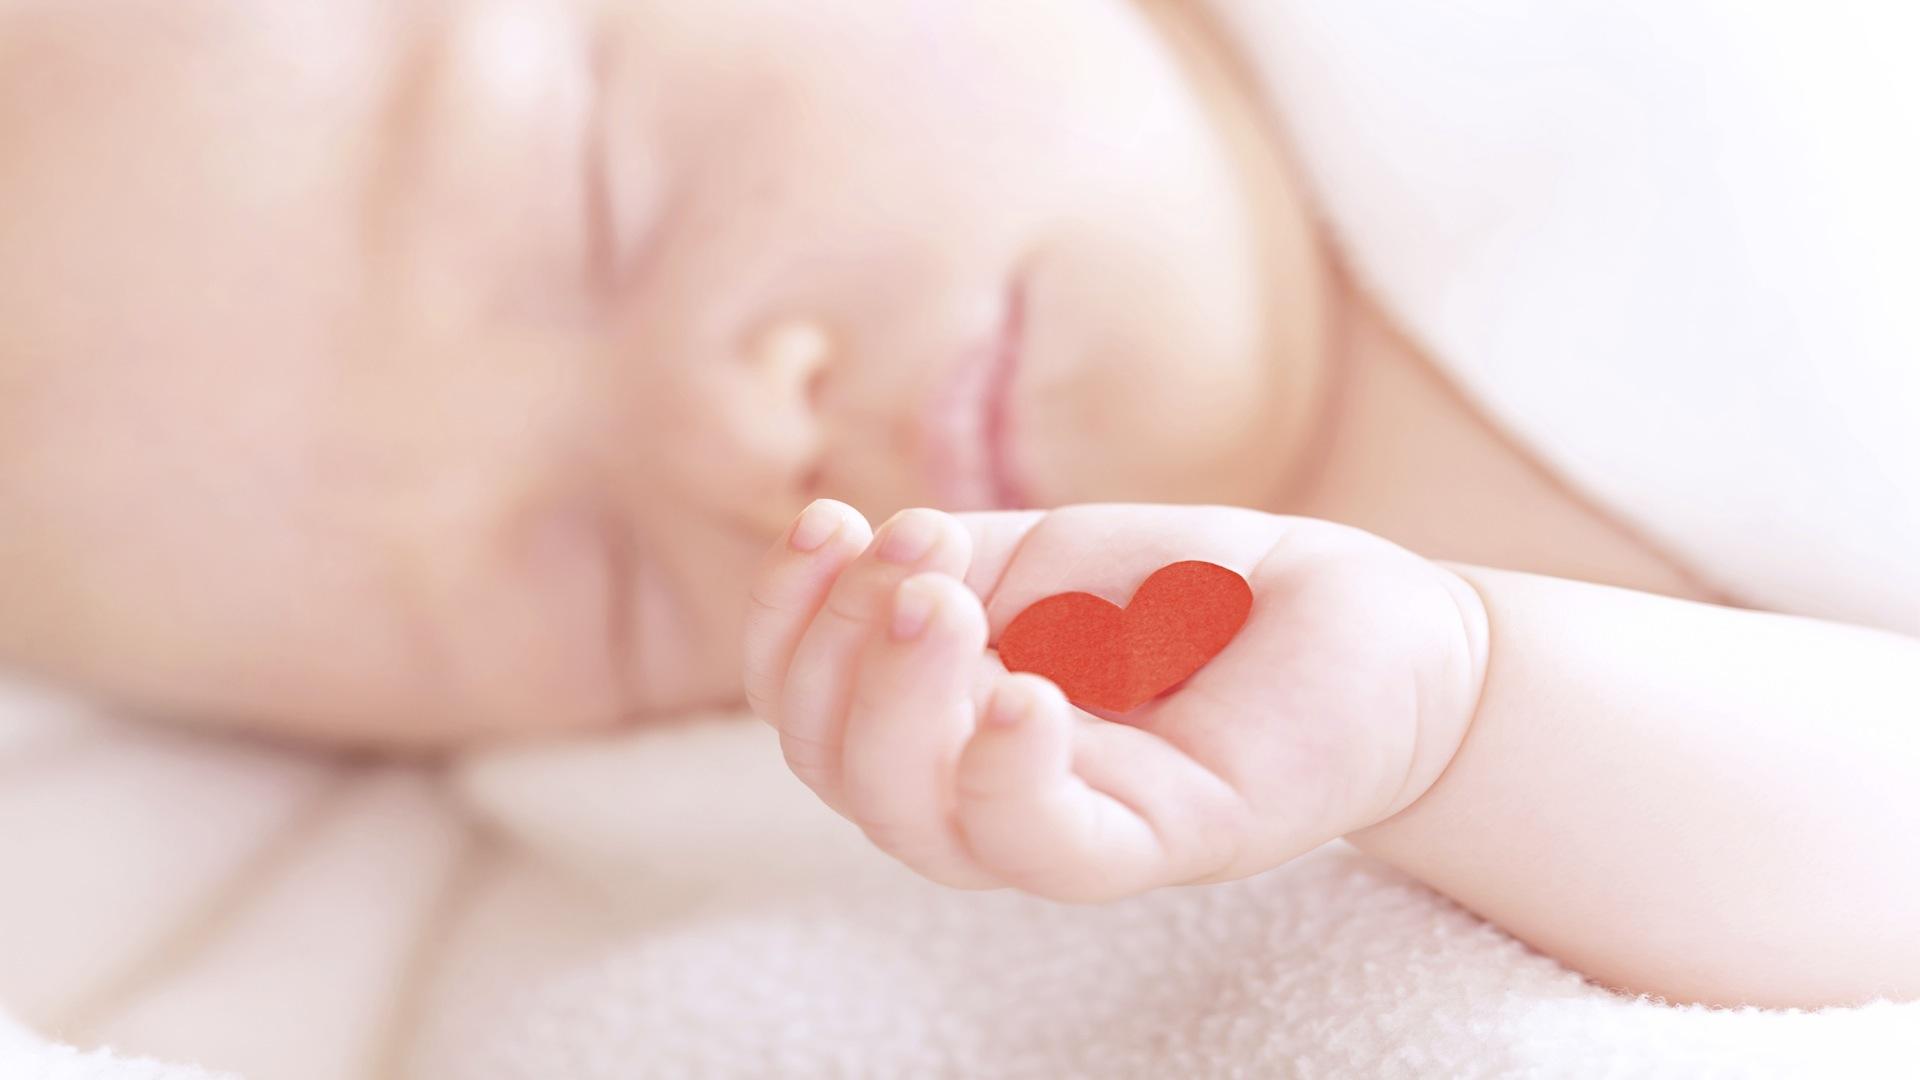 Правила профилактики у новорожденных инфекционной патологии кровотока